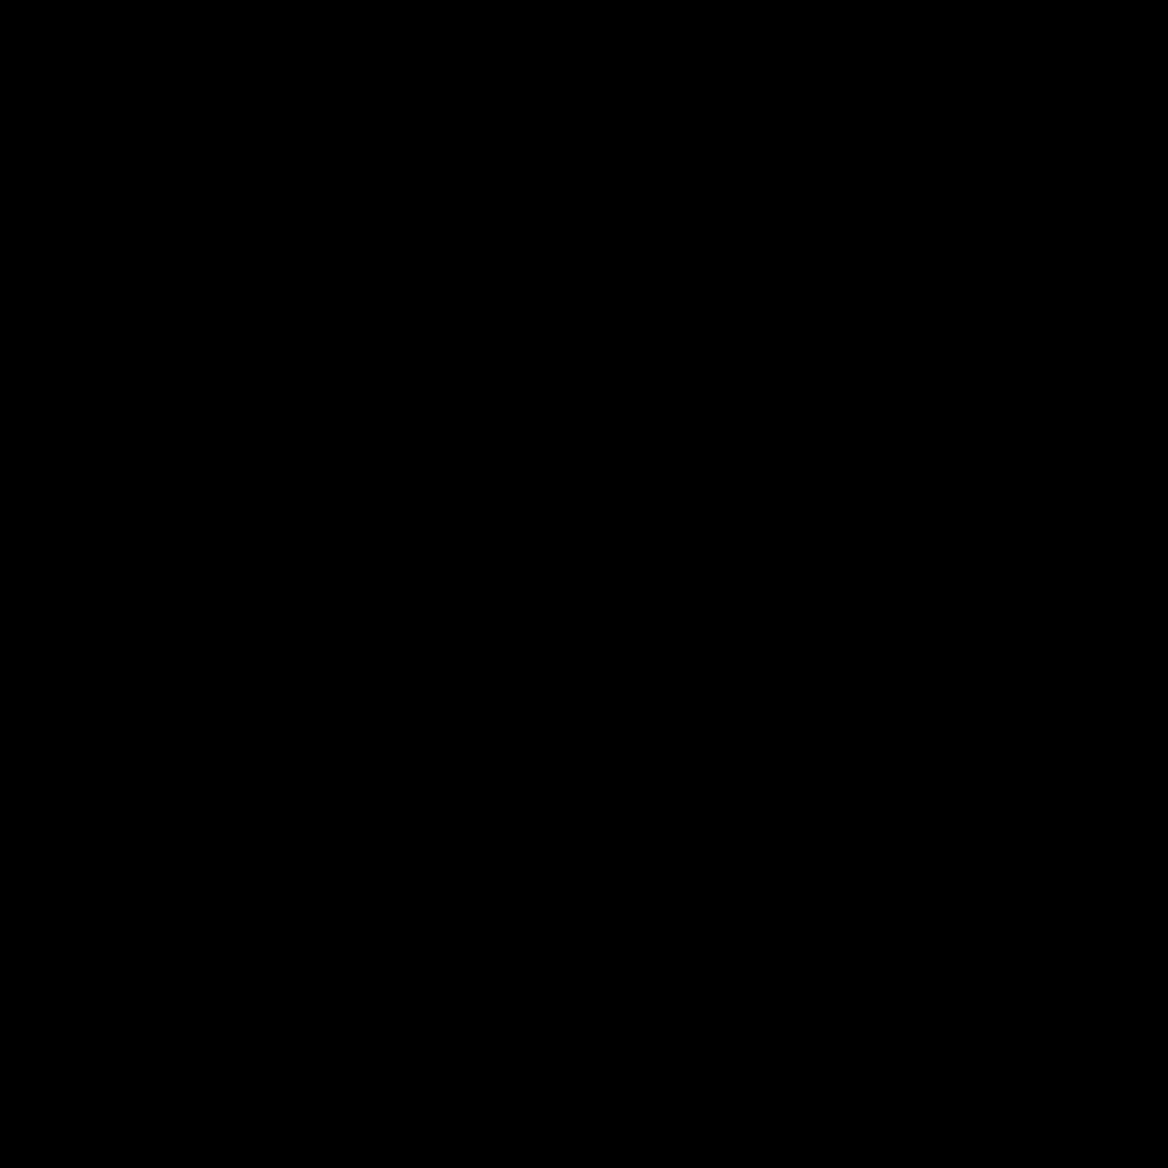 TURBOSOUND IP500 V2 Активные  профессиональные колонки для баров, кафе, ДЛЯ ПОМЕЩЕНИЯ ДО 100М2